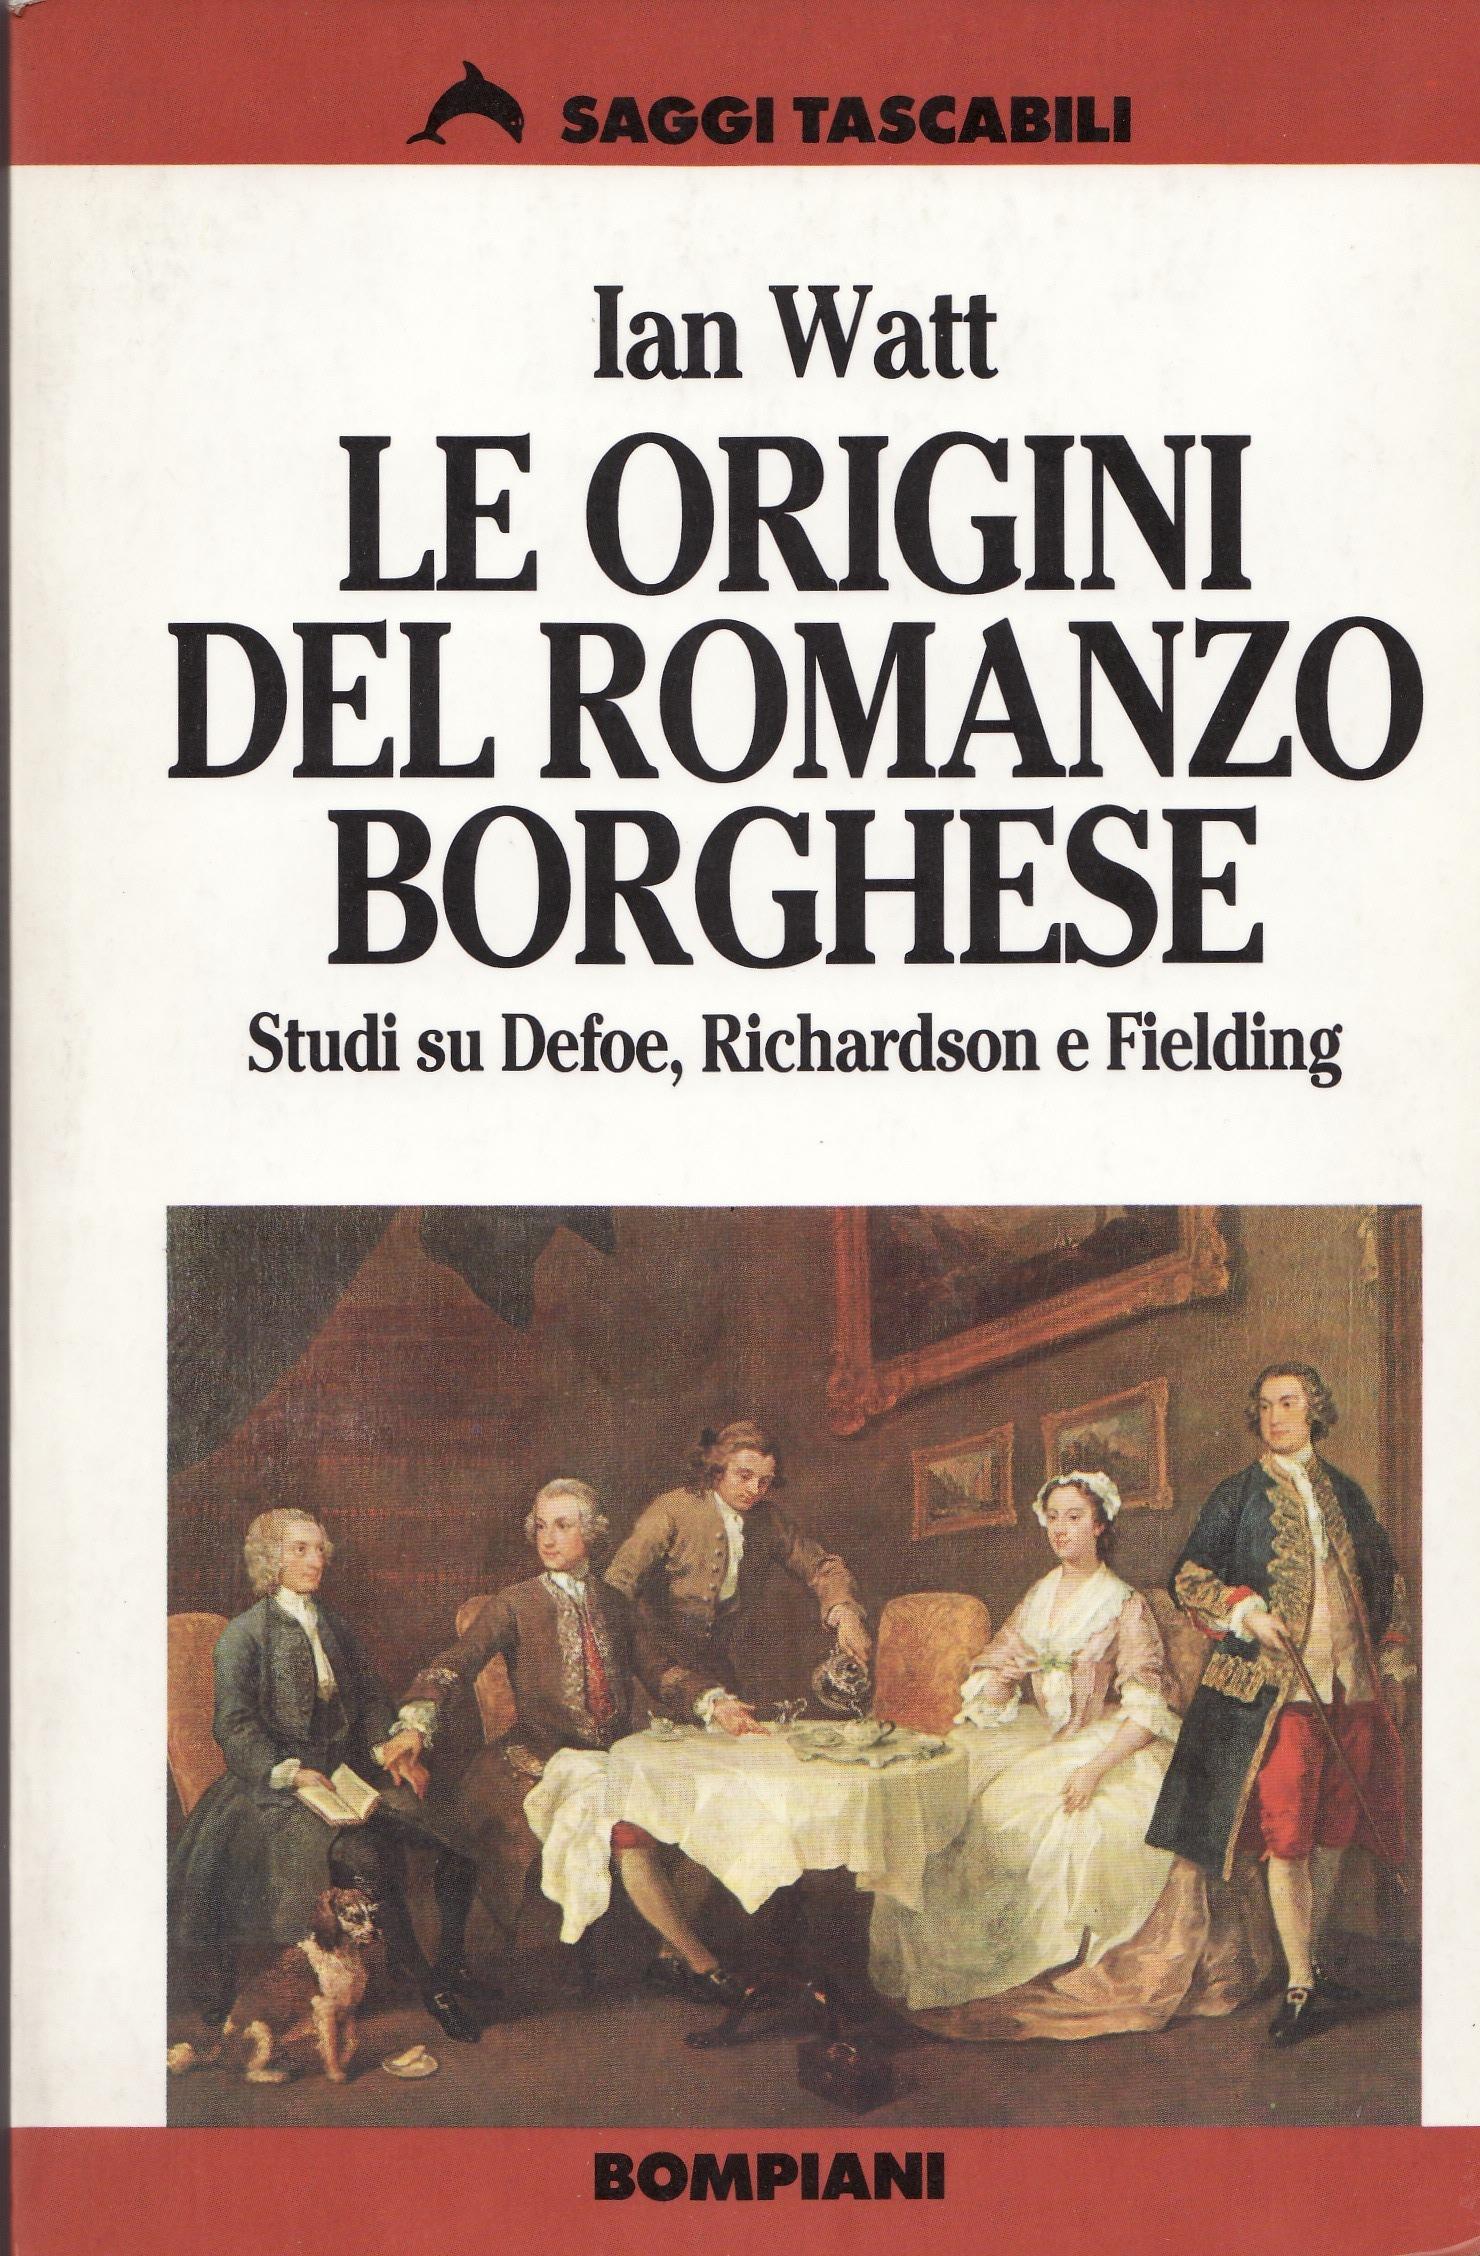 Le origini del romanzo borghese